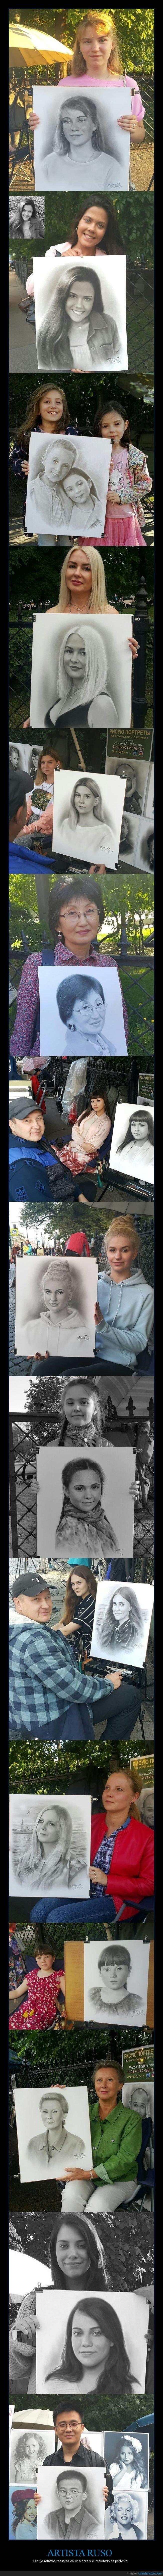 1 hora,artista,retratos,ruso